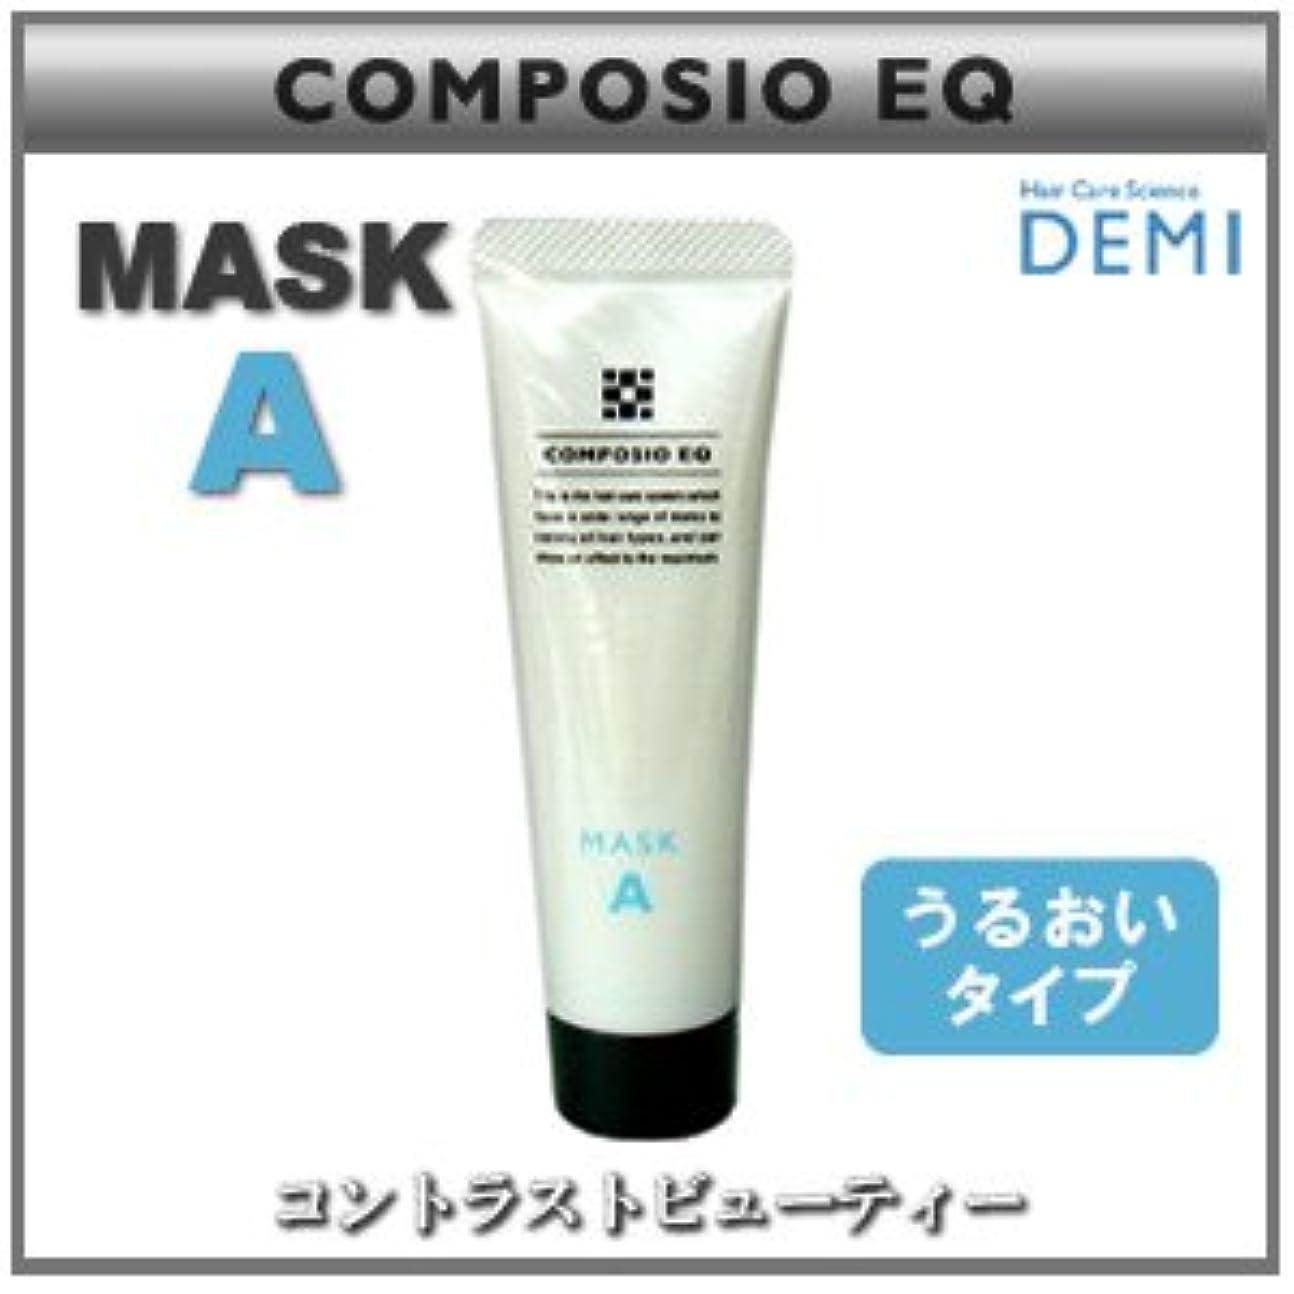 フィヨルドしわオープナー【X2個セット】 デミ コンポジオ EQ マスク A 50g